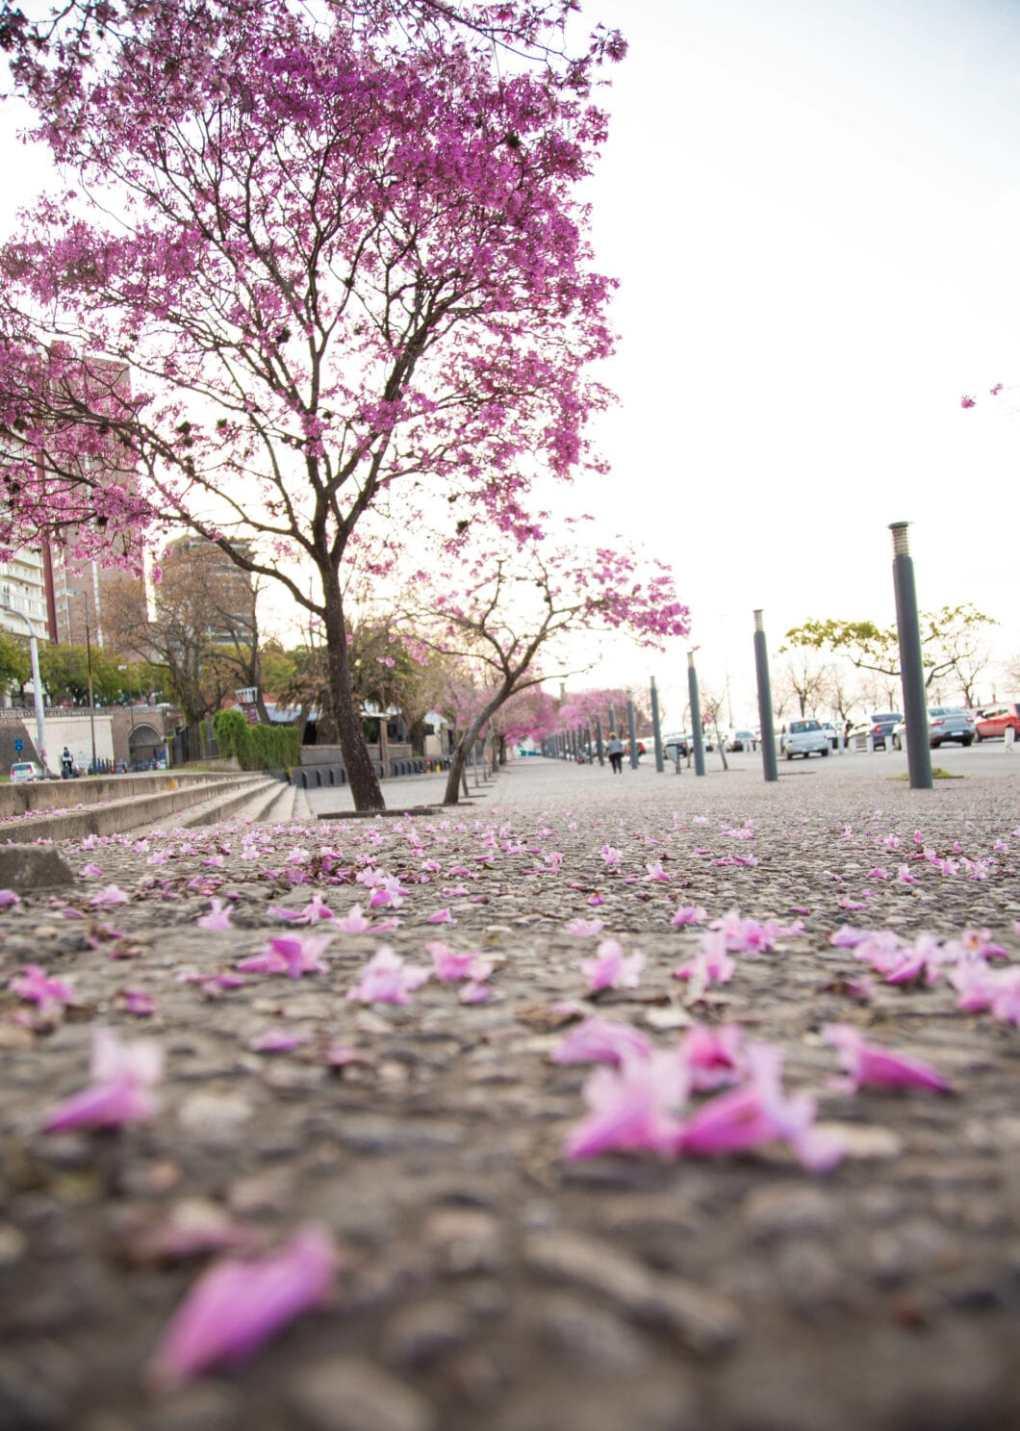 Rosario, Argentina in Spring